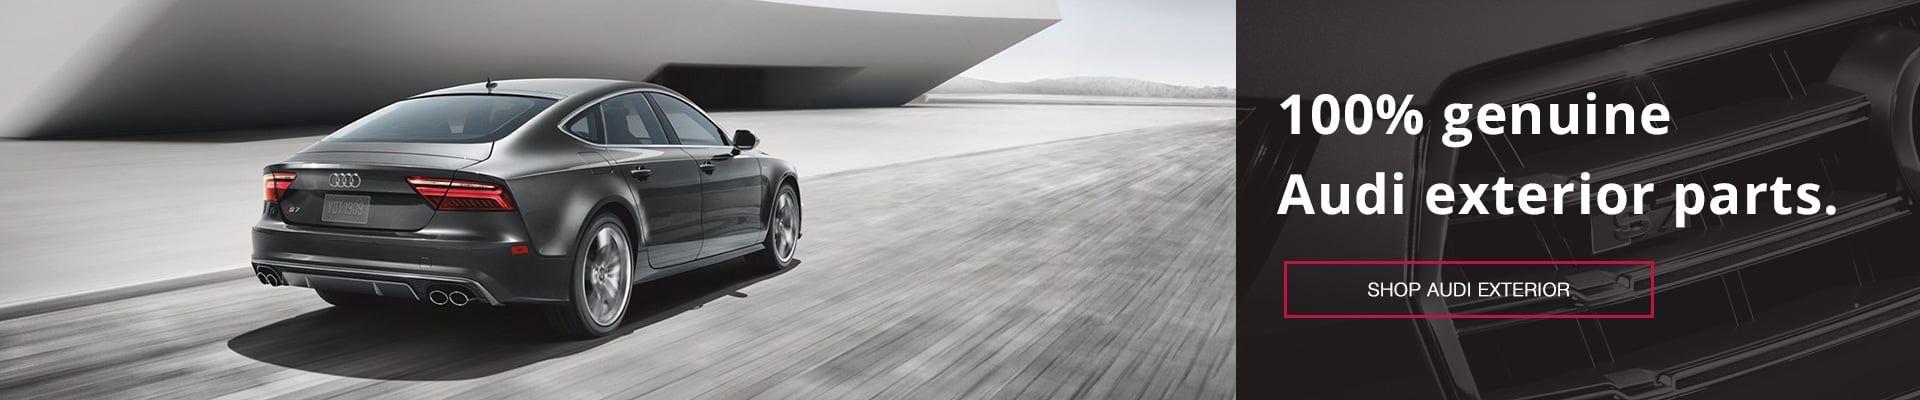 Audi Exterior Parts